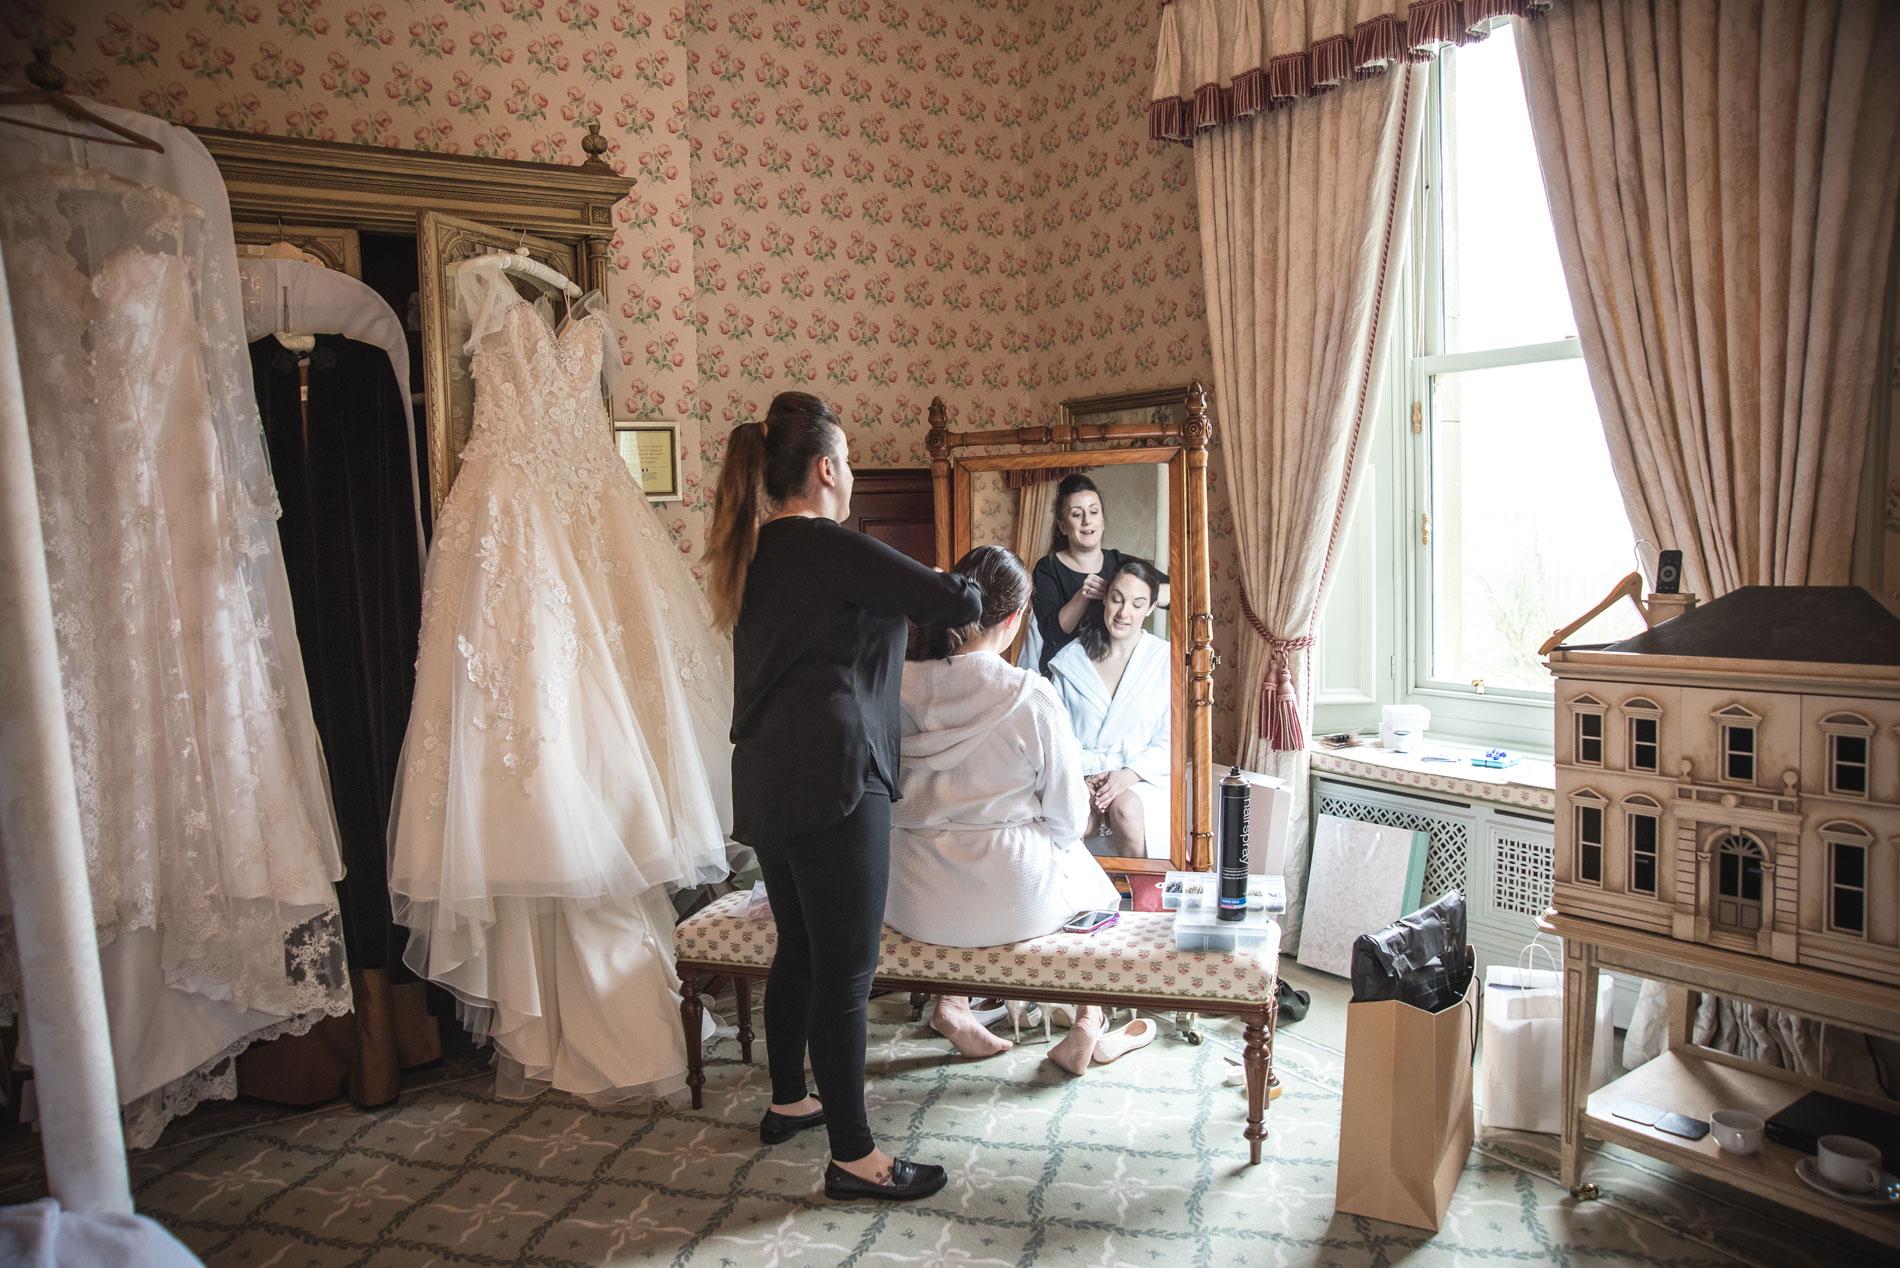 Kilworth-weddings-_06.jpg